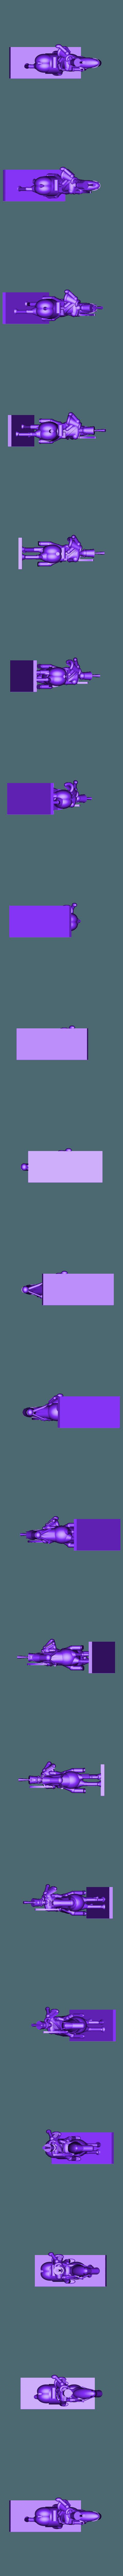 fr_hussar1a.stl Télécharger fichier STL gratuit Napoléoniens - 2ème partie - Français / Alliés Cavalerie • Plan imprimable en 3D, Earsling